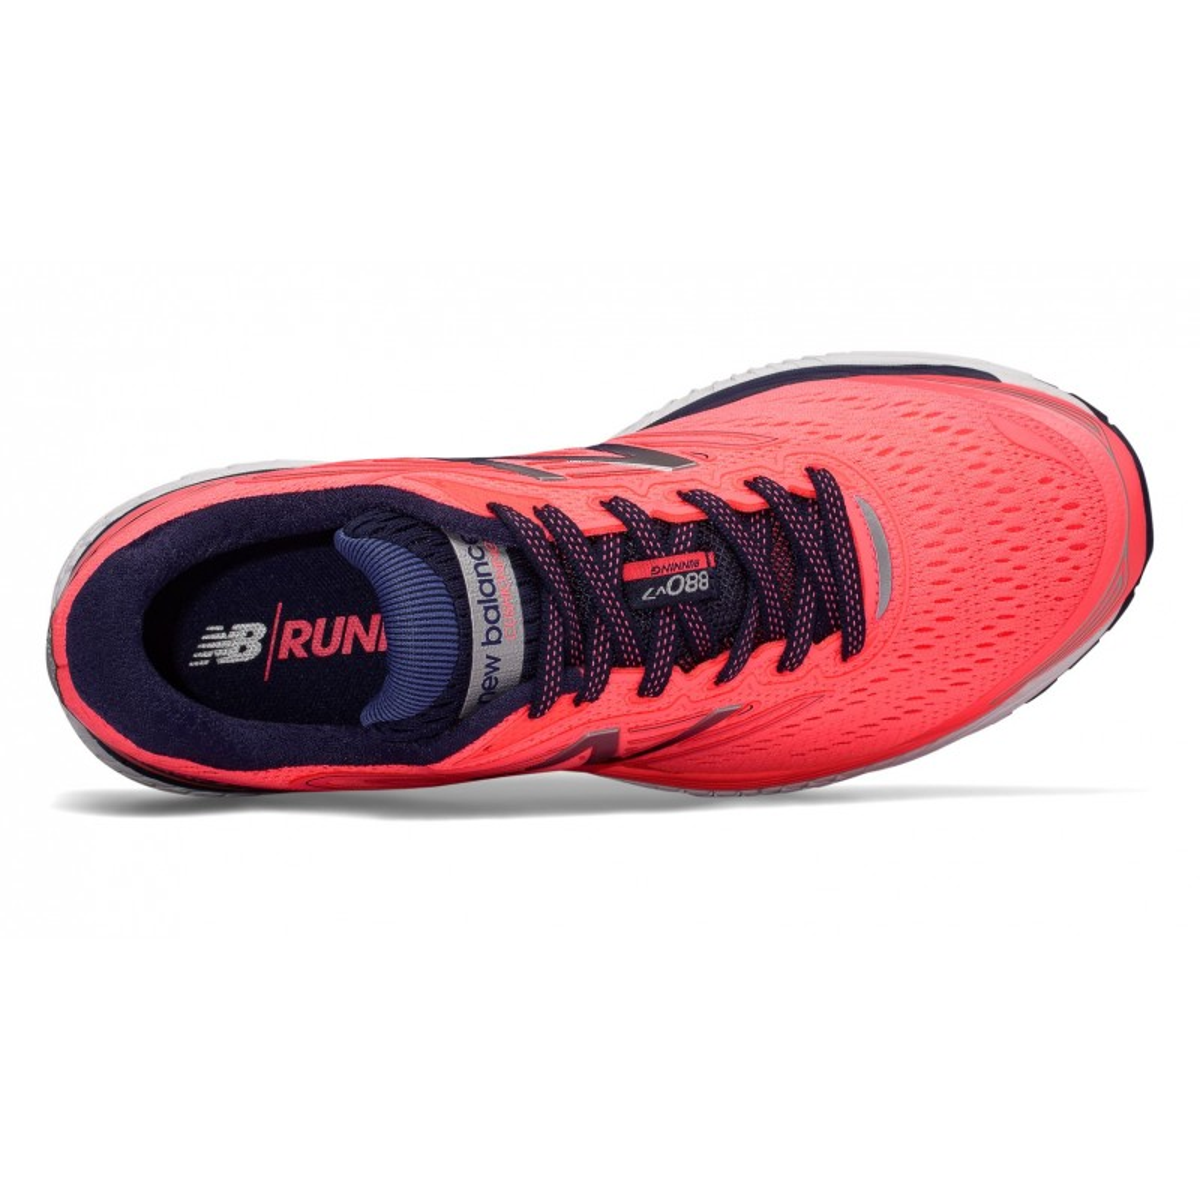 Zapatillas New Balance 880 v7 coral Mujer PV18